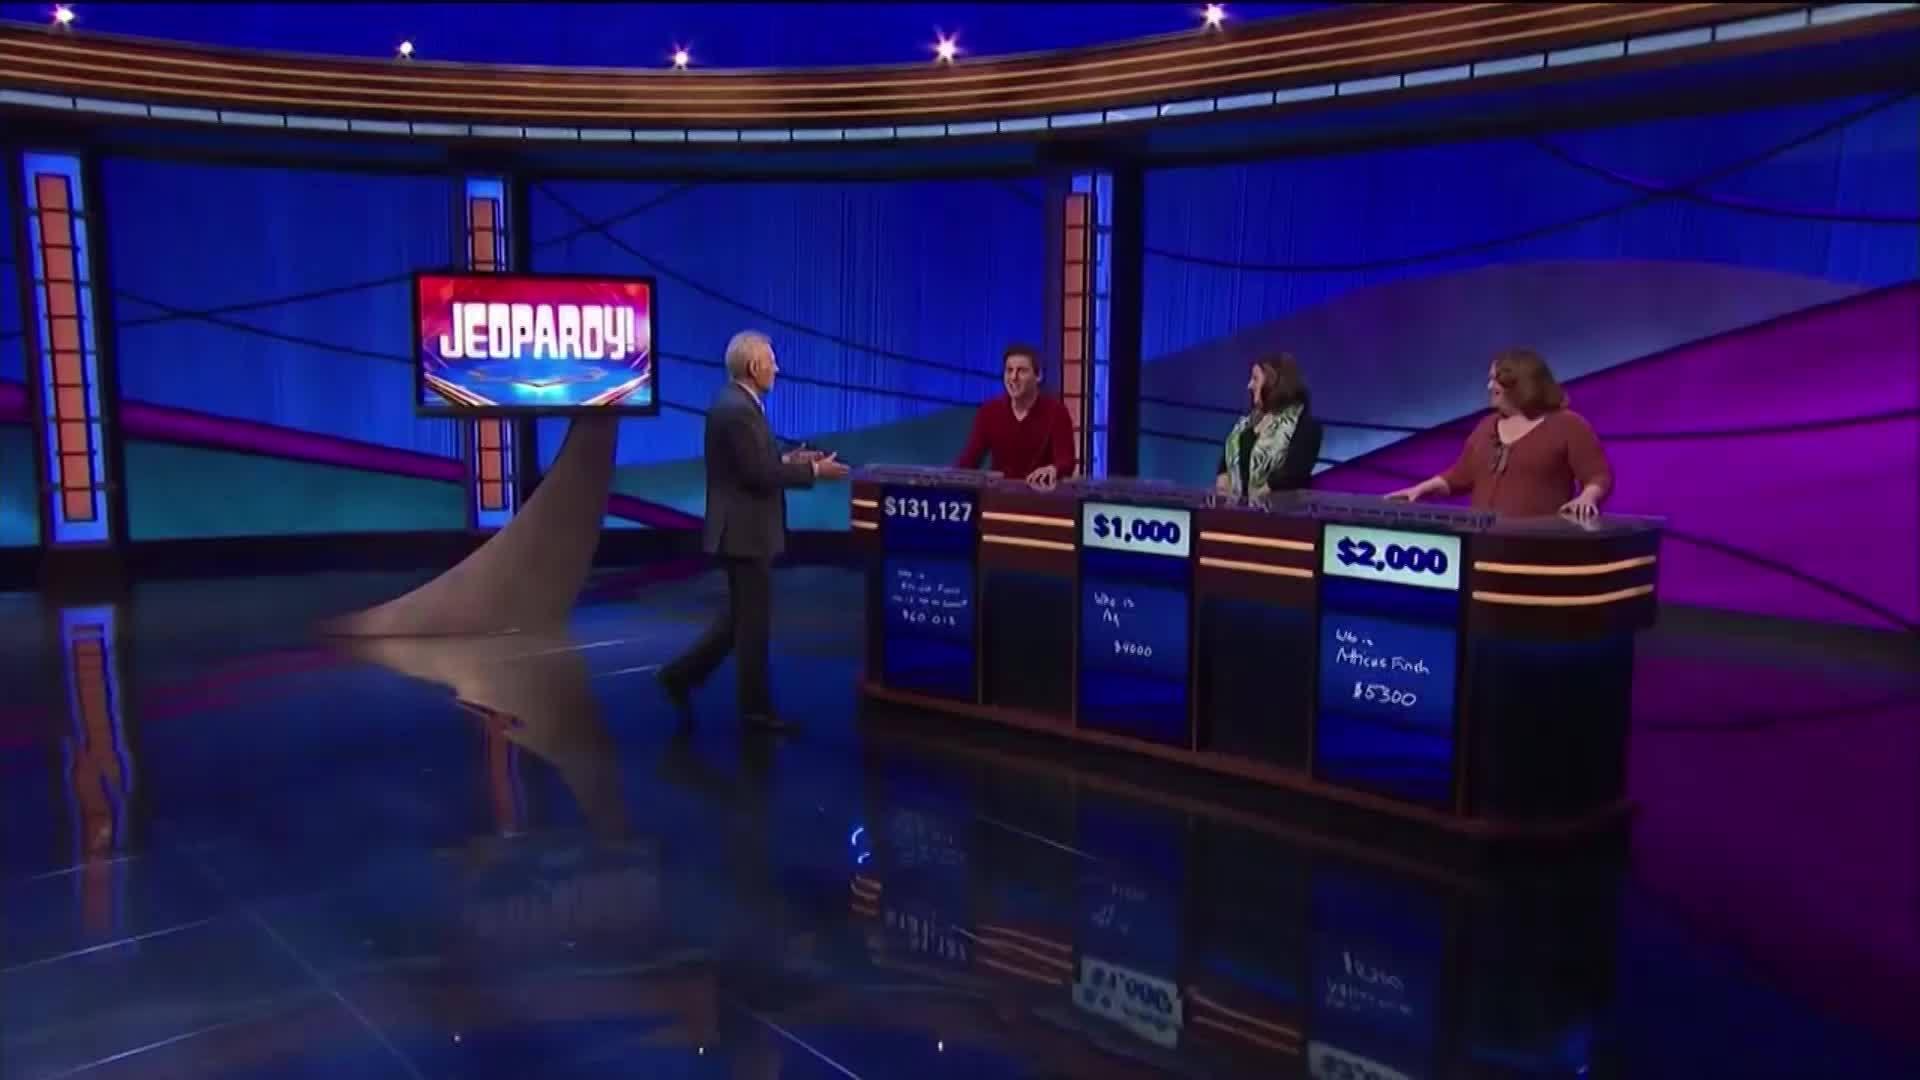 Jeopardy champion